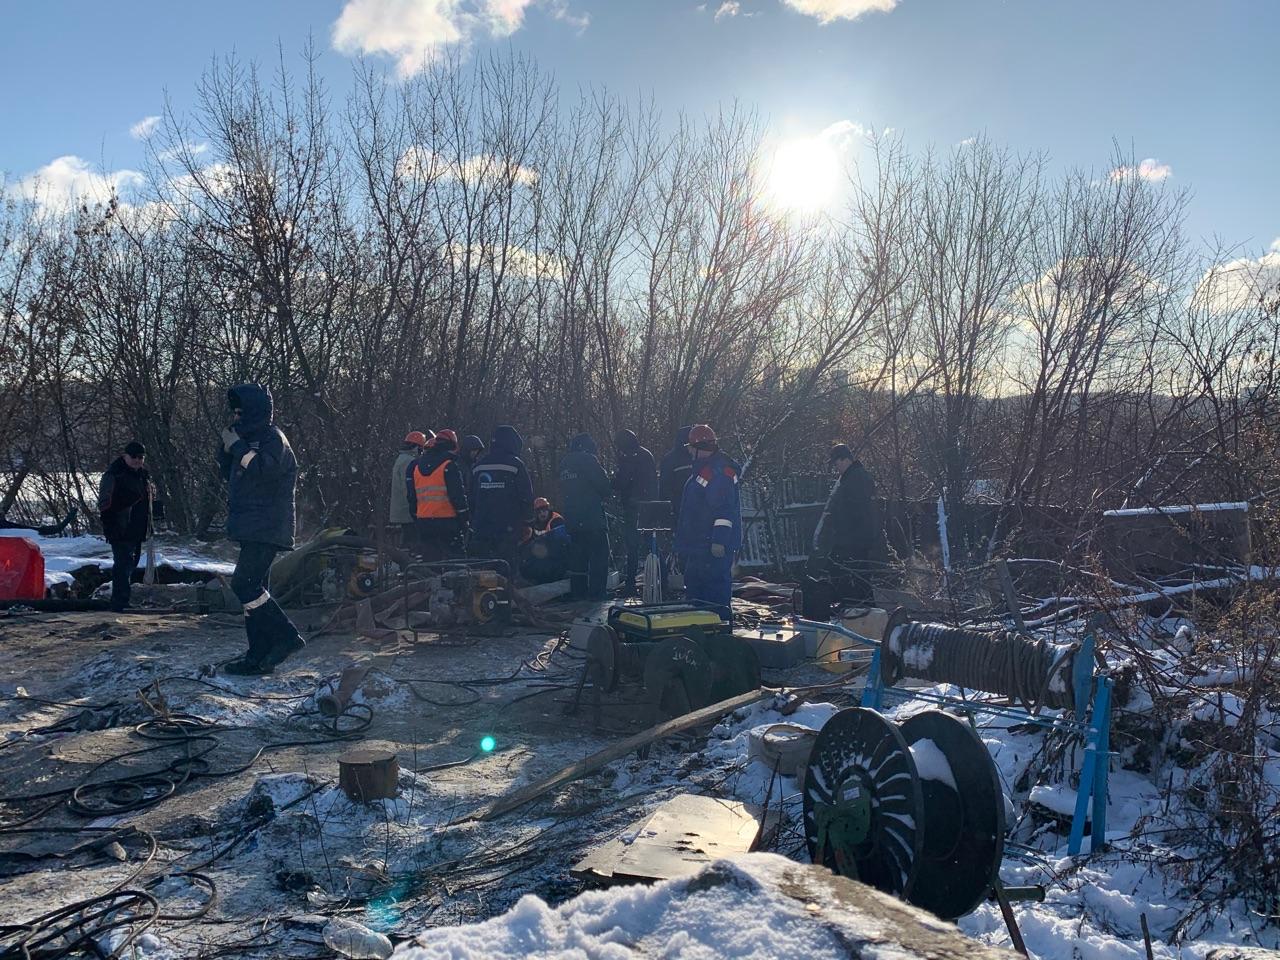 Трещина на чугунном байпасе стала причиной аварии на коллекторе в Нижнем Новгороде